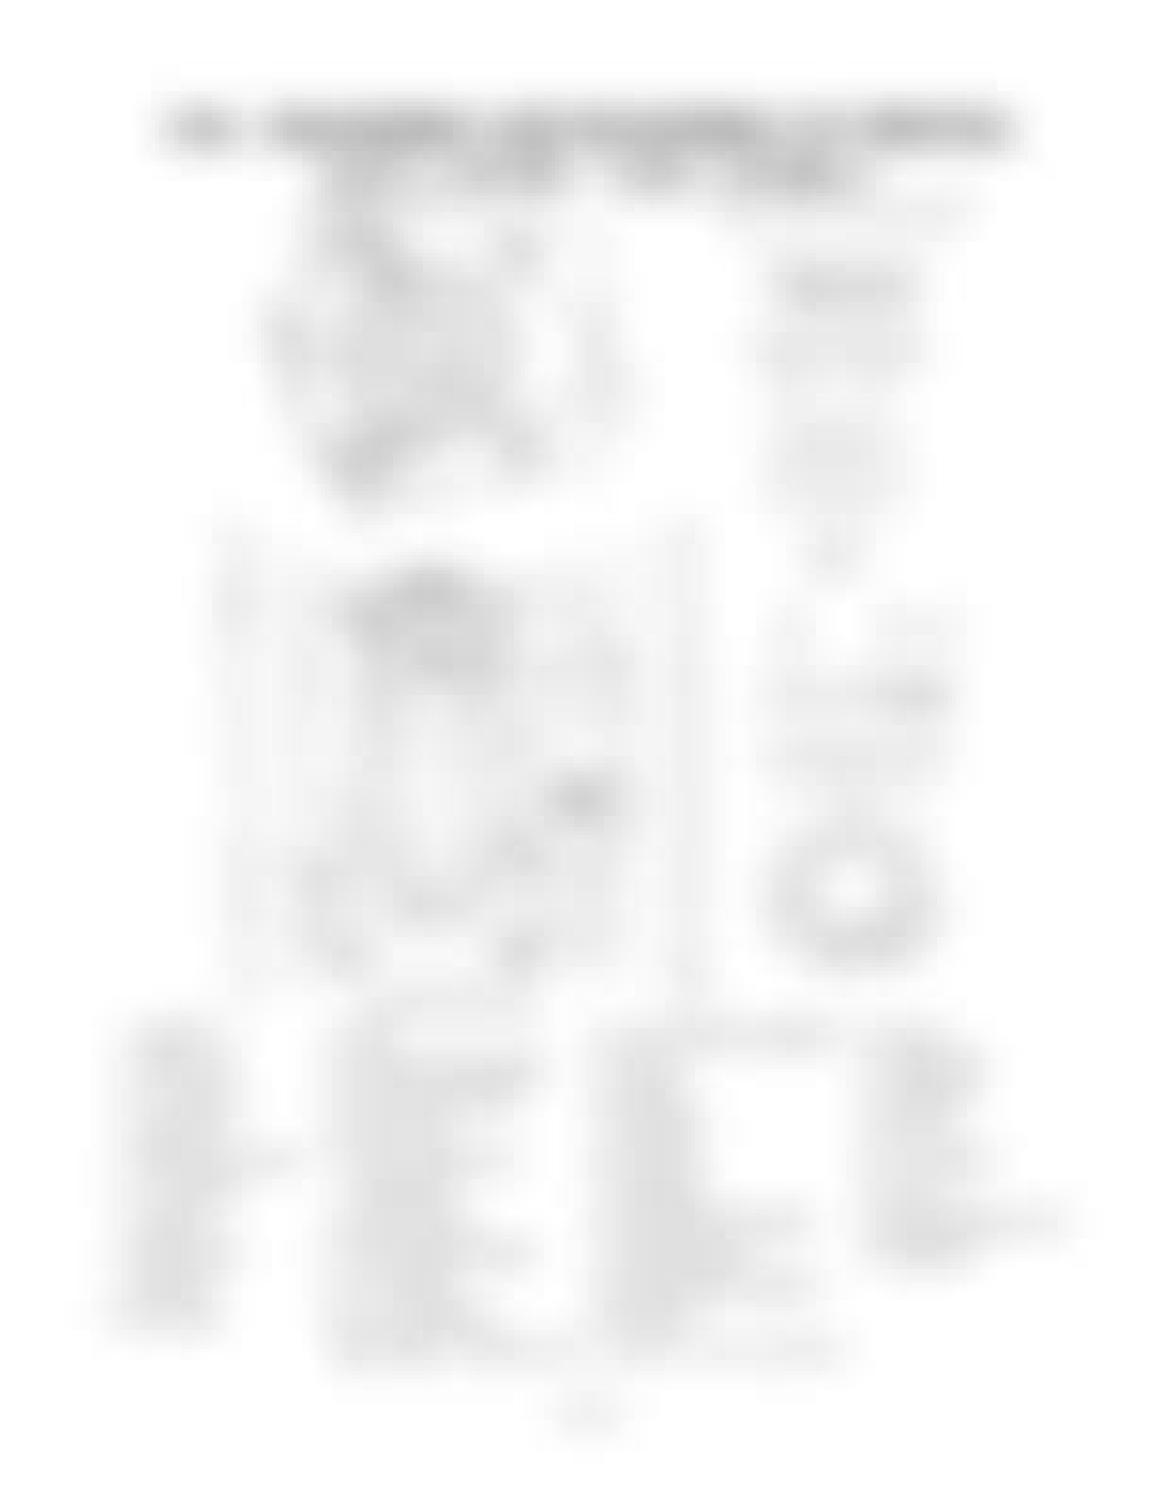 Hitachi LX110-7 LX130-7 LX160-7 LX190-7 LX230-7 Wheel Loader Workshop Manual - PDF DOWNLOAD page 291